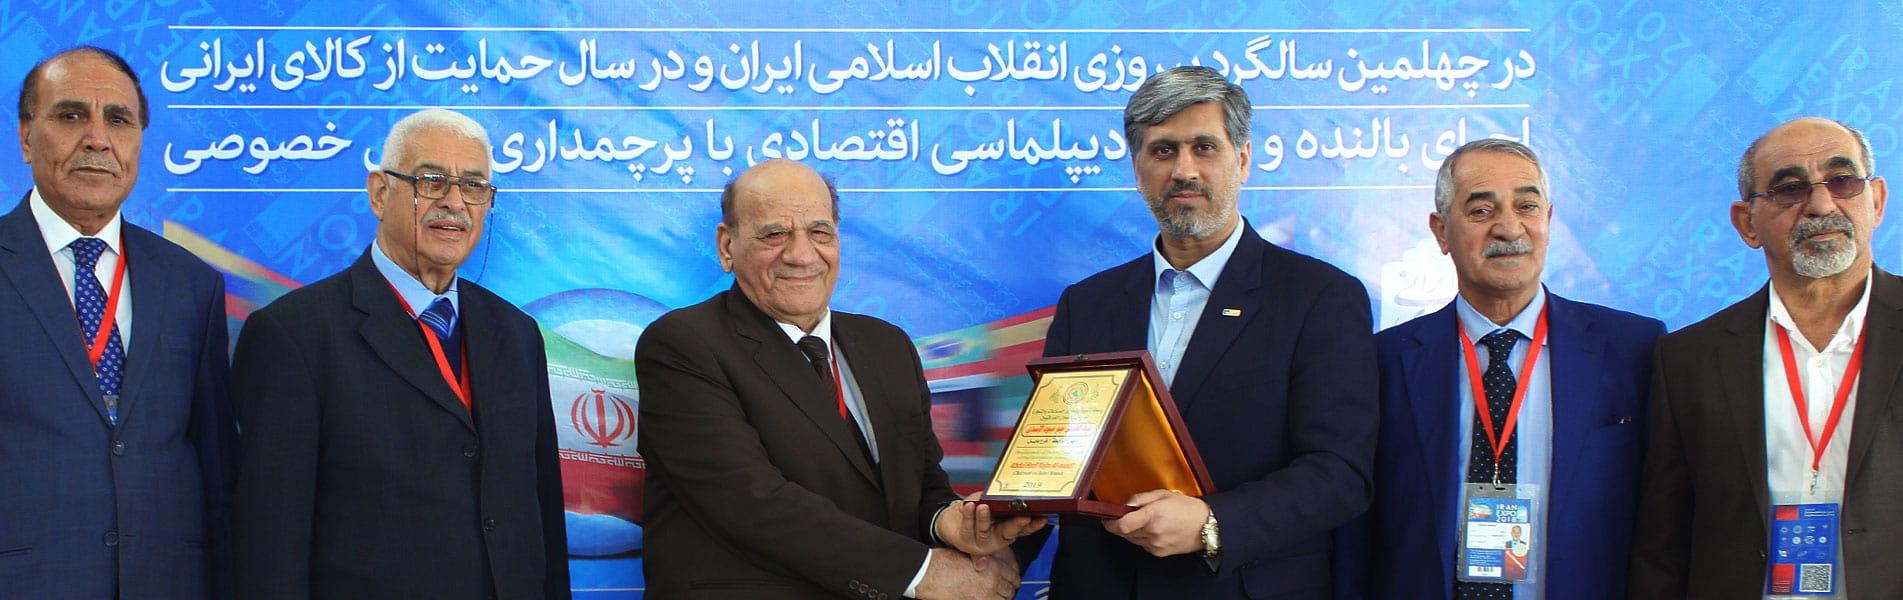 مراسم اختتامیه (Iran Expo 2018)